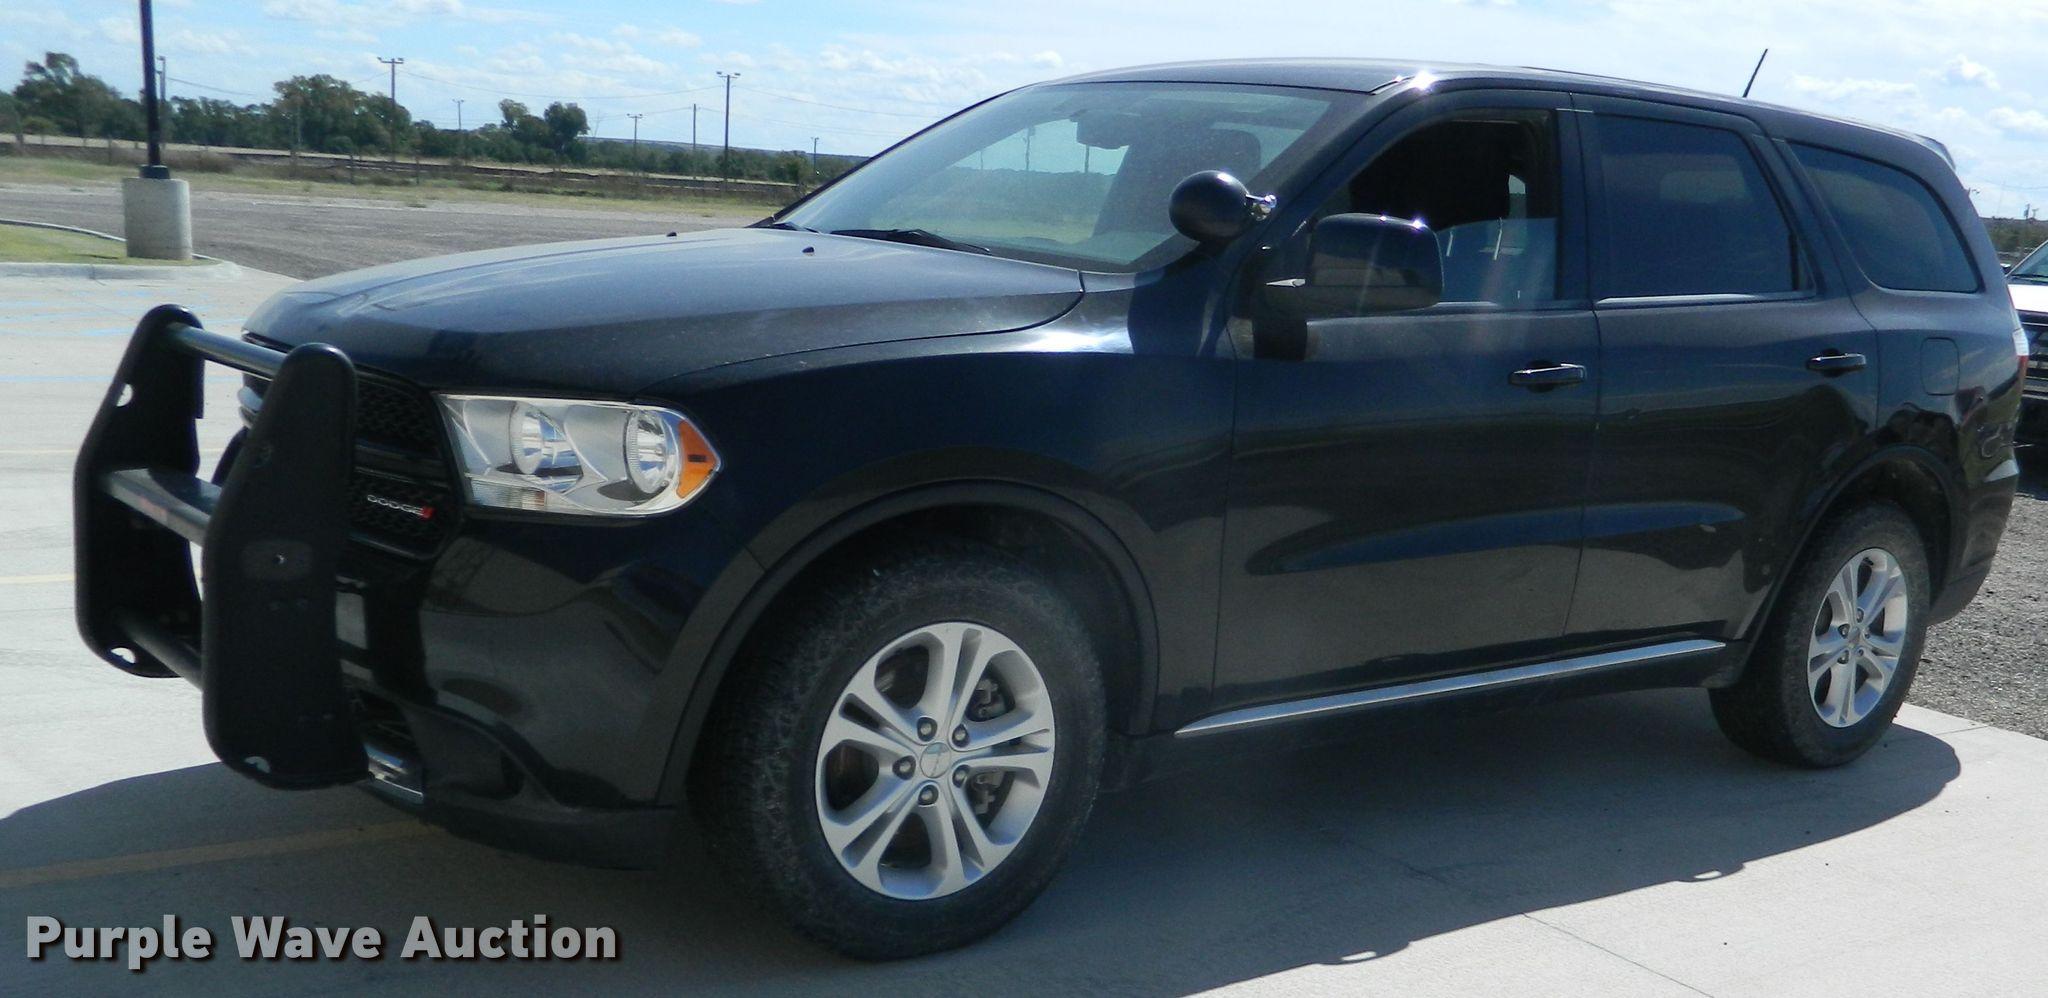 2013 Dodge Durango Police Suv In Stockton Ks Item Db4987 Sold Purple Wave